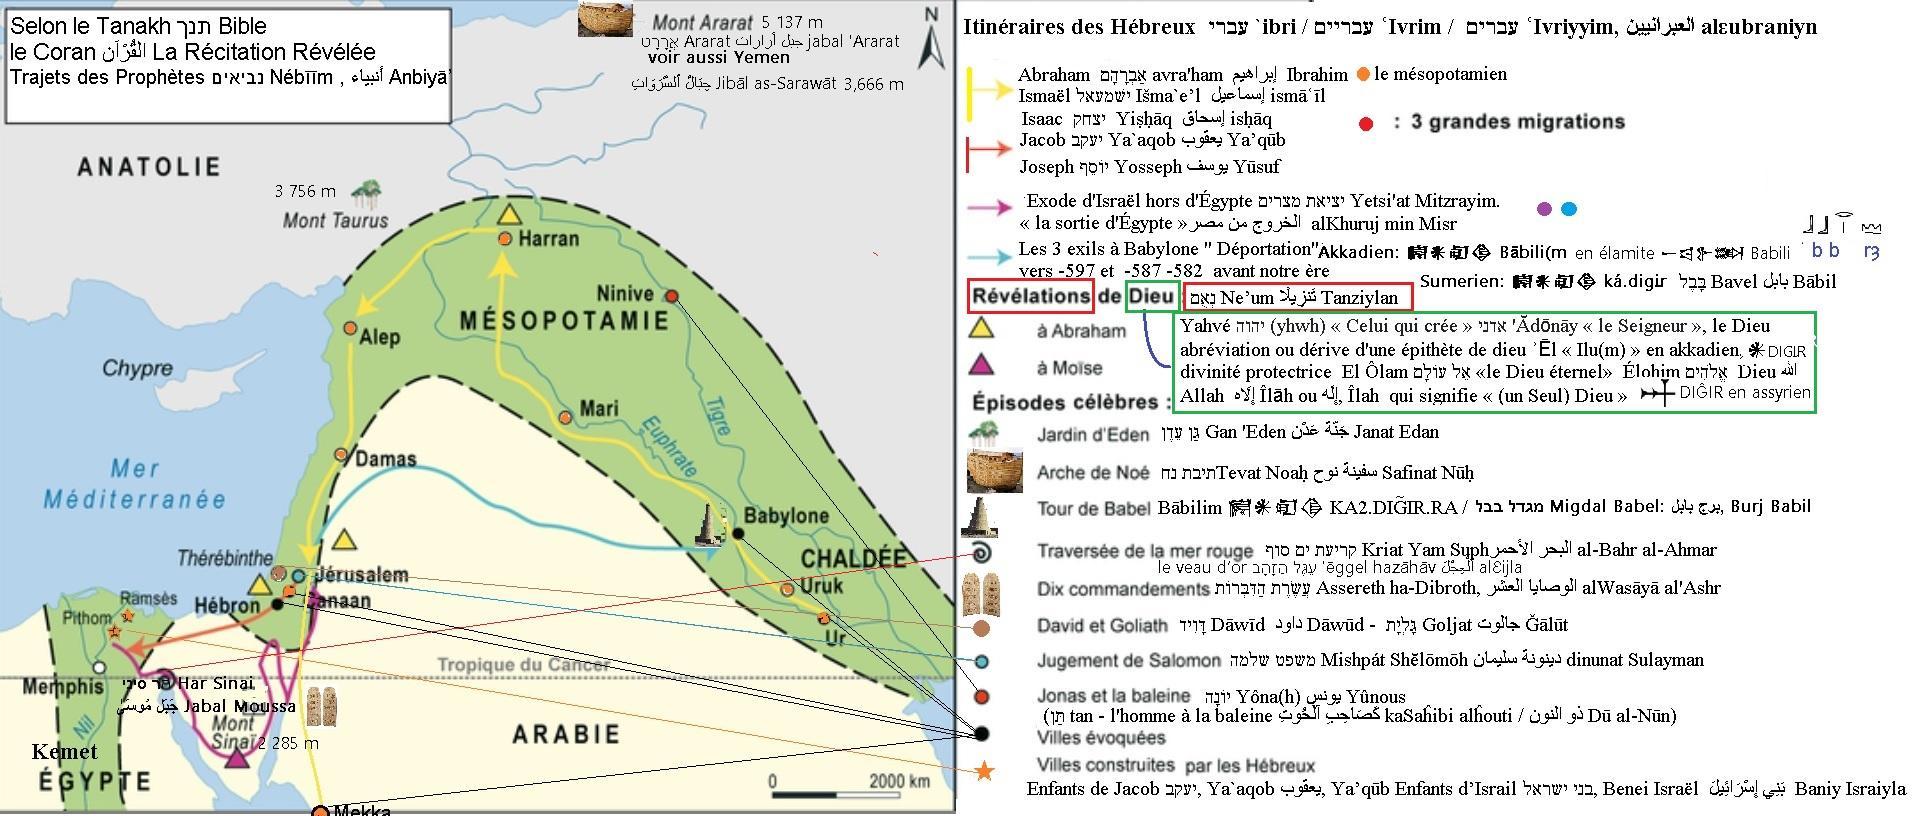 Carte trajets prophetes selon tanakh et coran